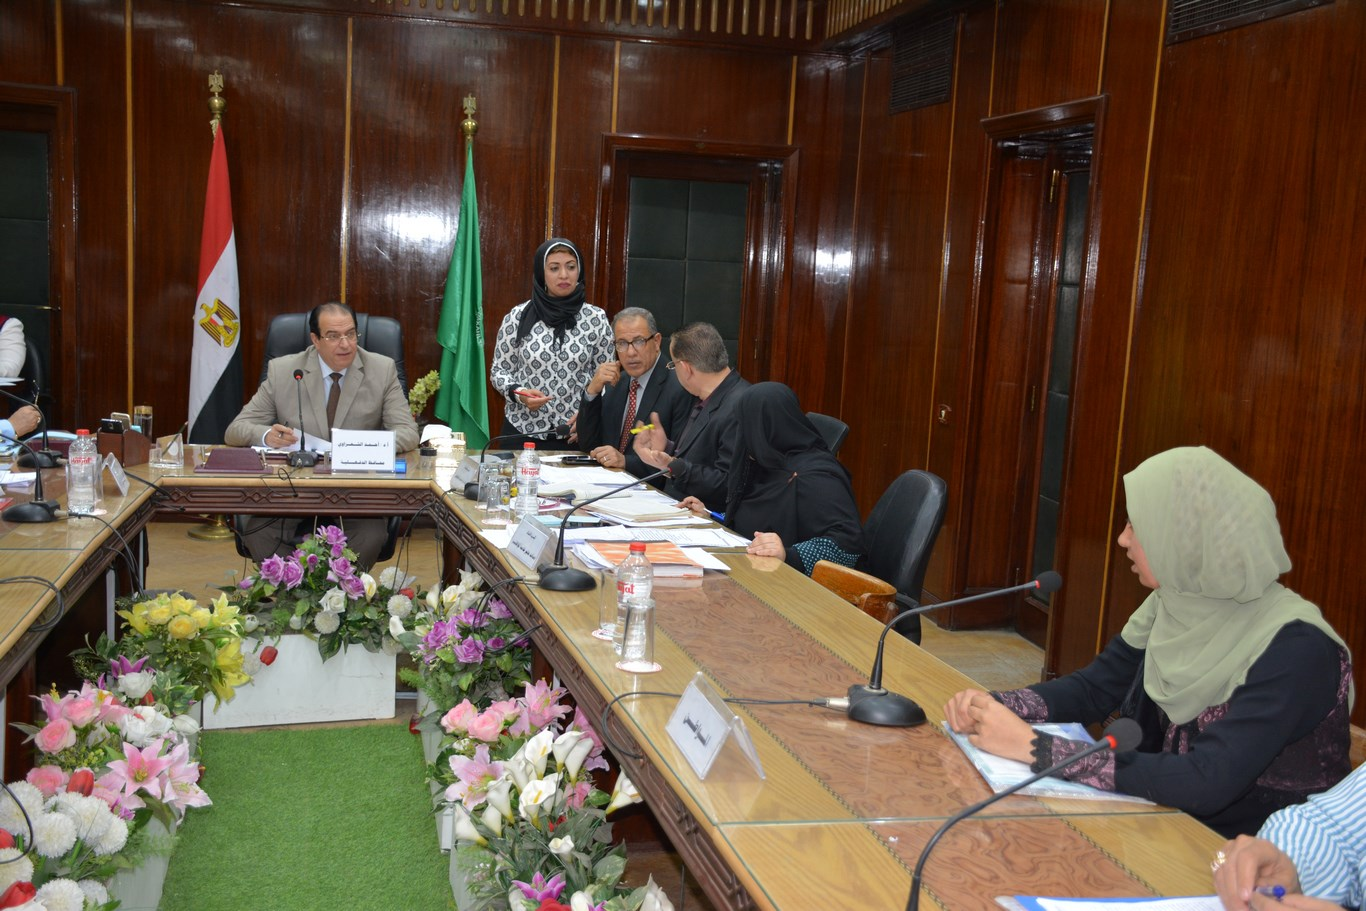 لقاء المحافظ بأعضاء الجهاز التنفيذي بالمحافظة (4)